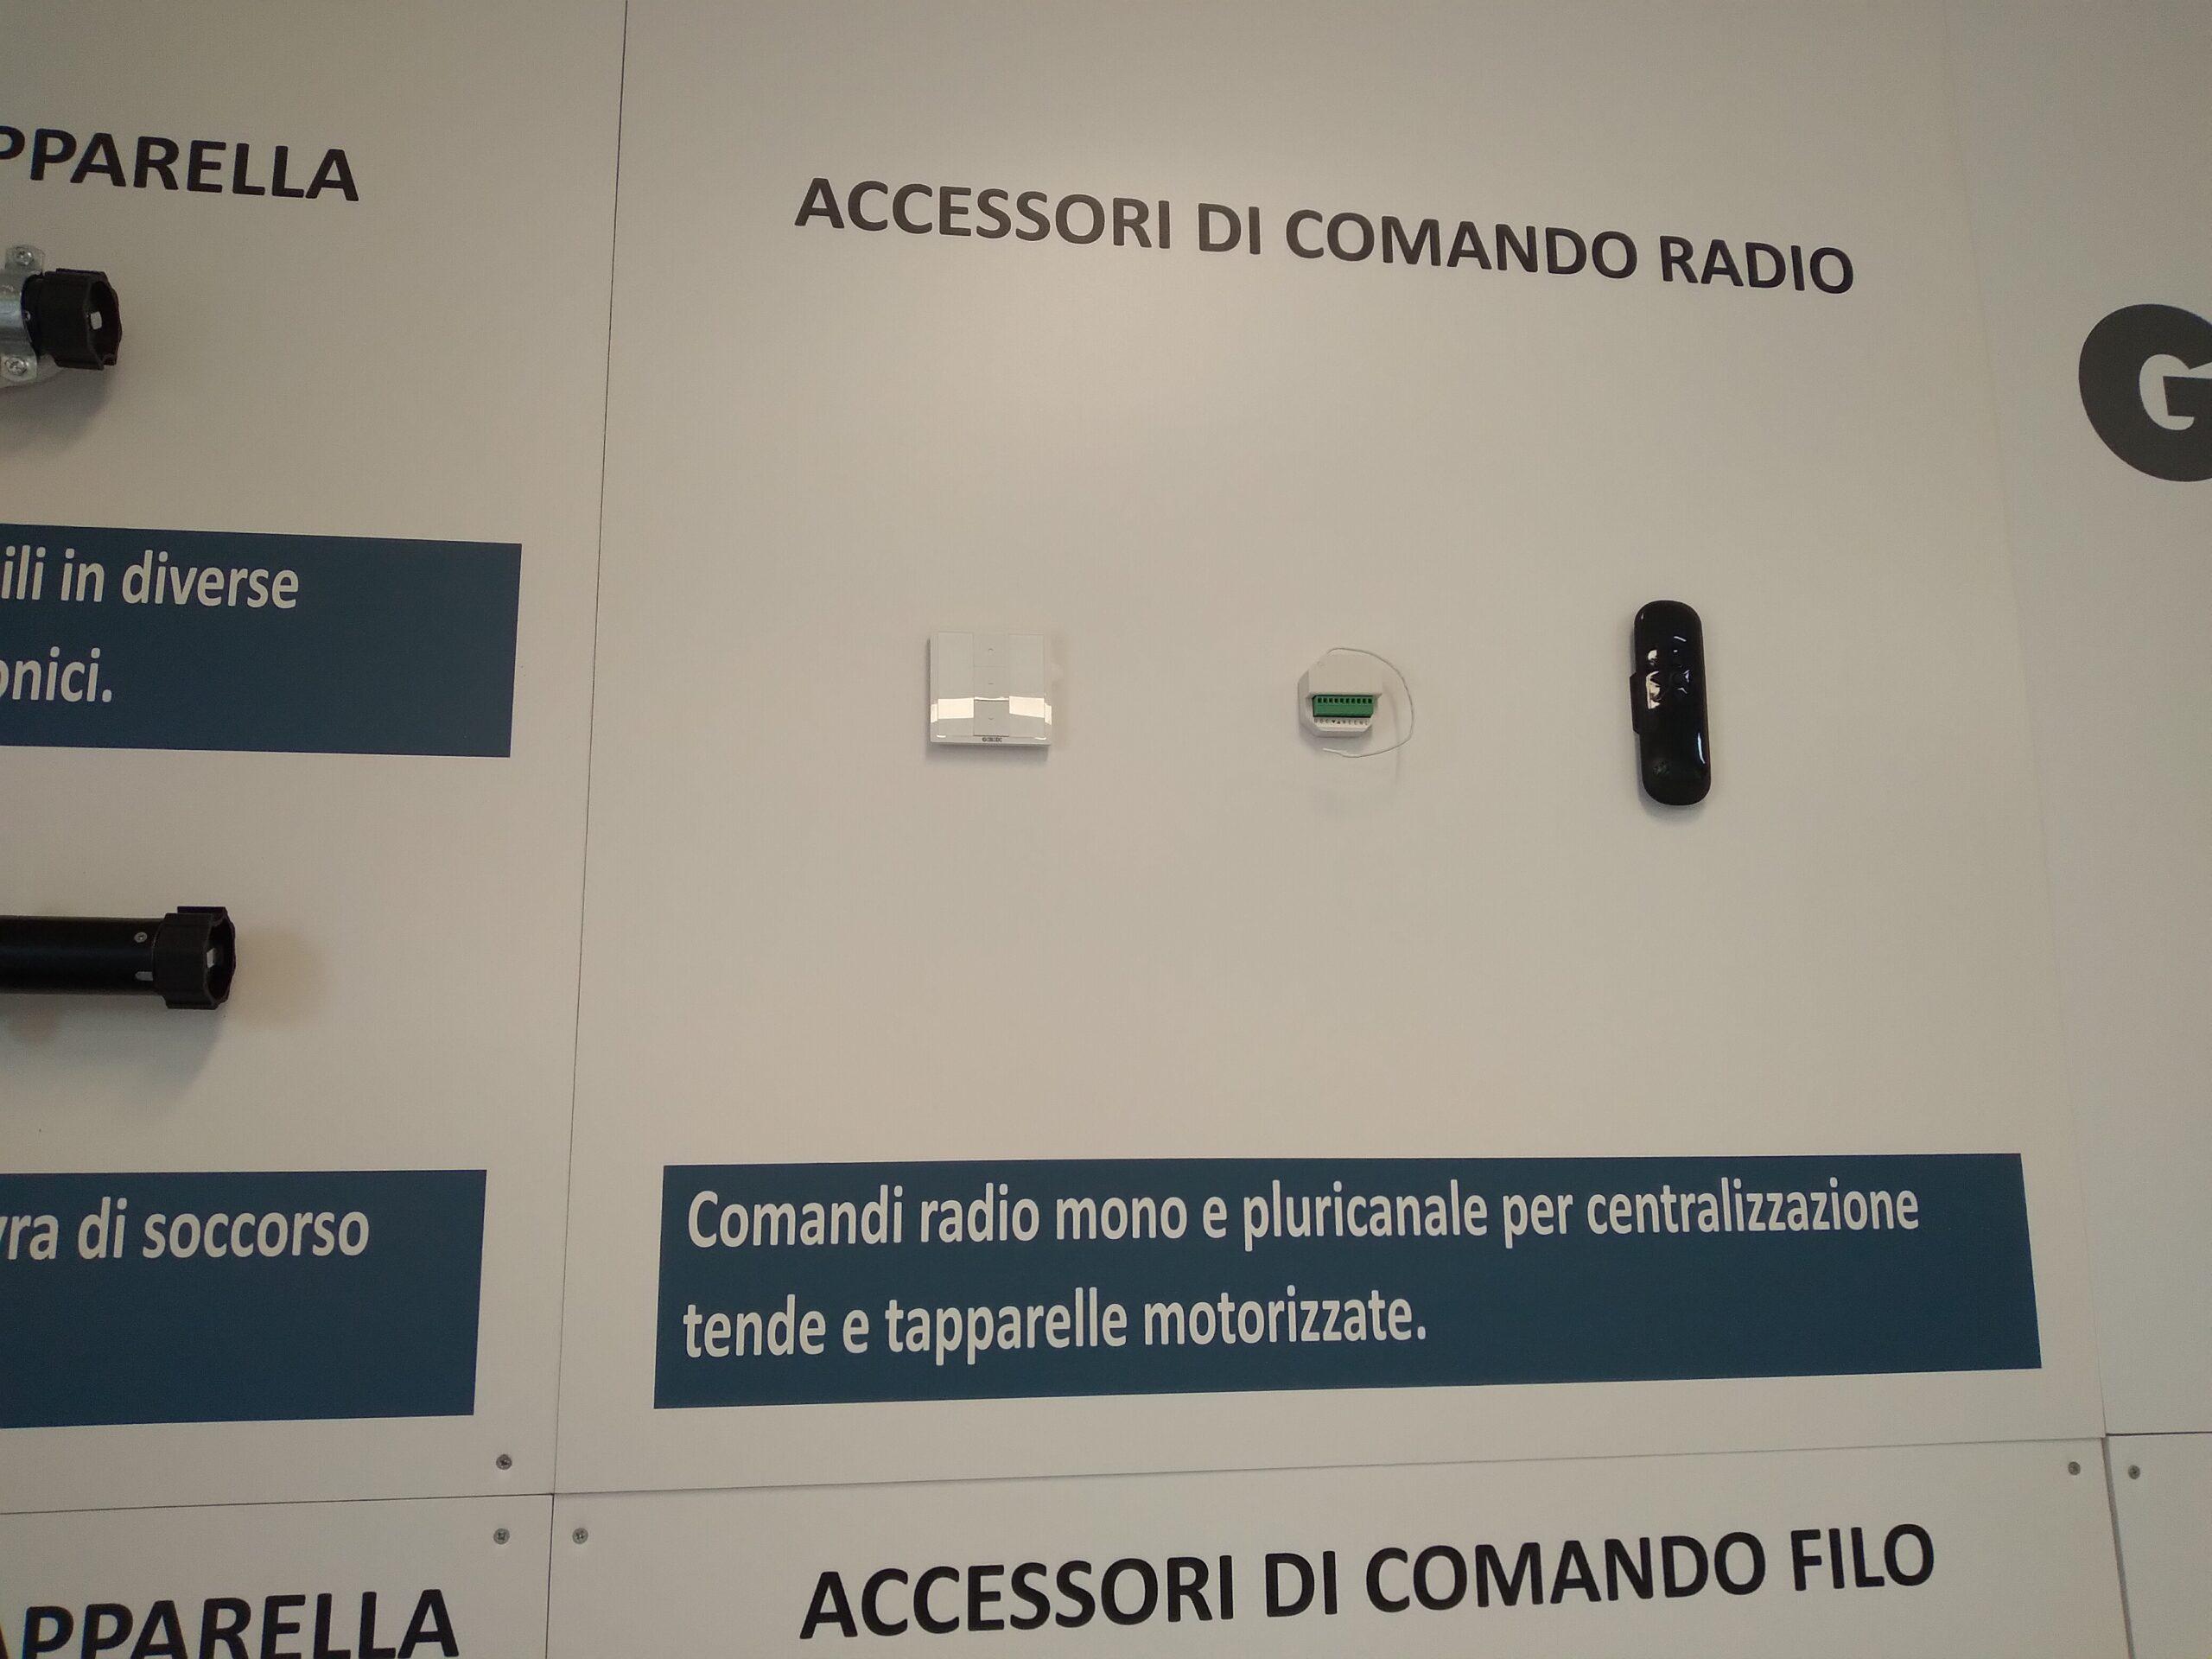 accessori-comando-radio-motorizzazione-tapparelle